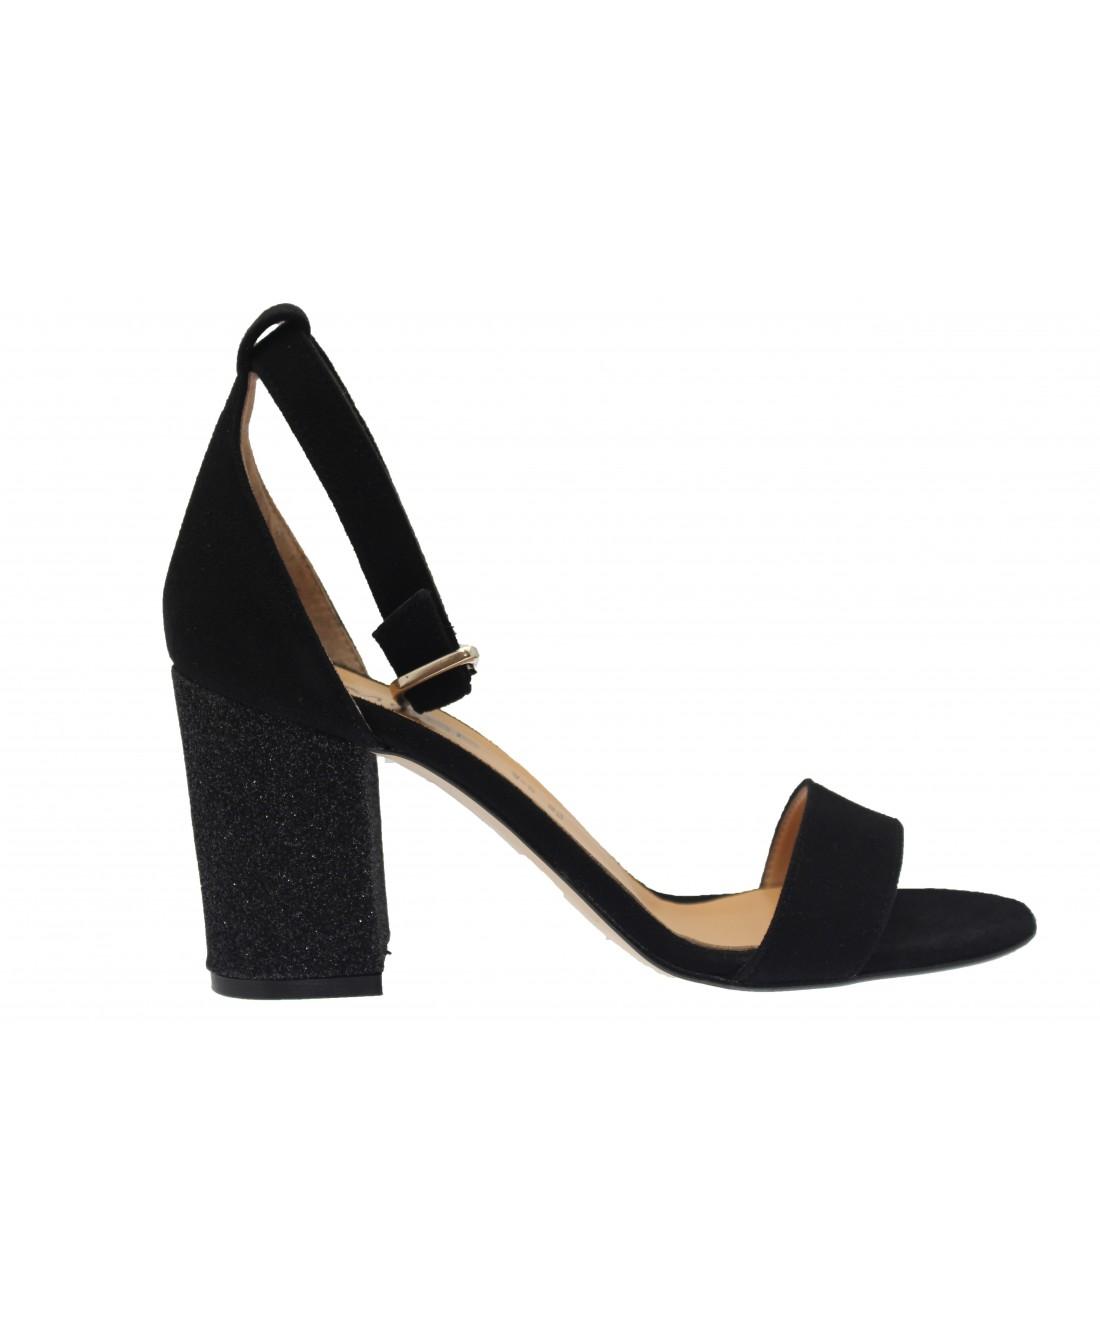 Nouvelle ligne de sandale tendance à talon carré signée